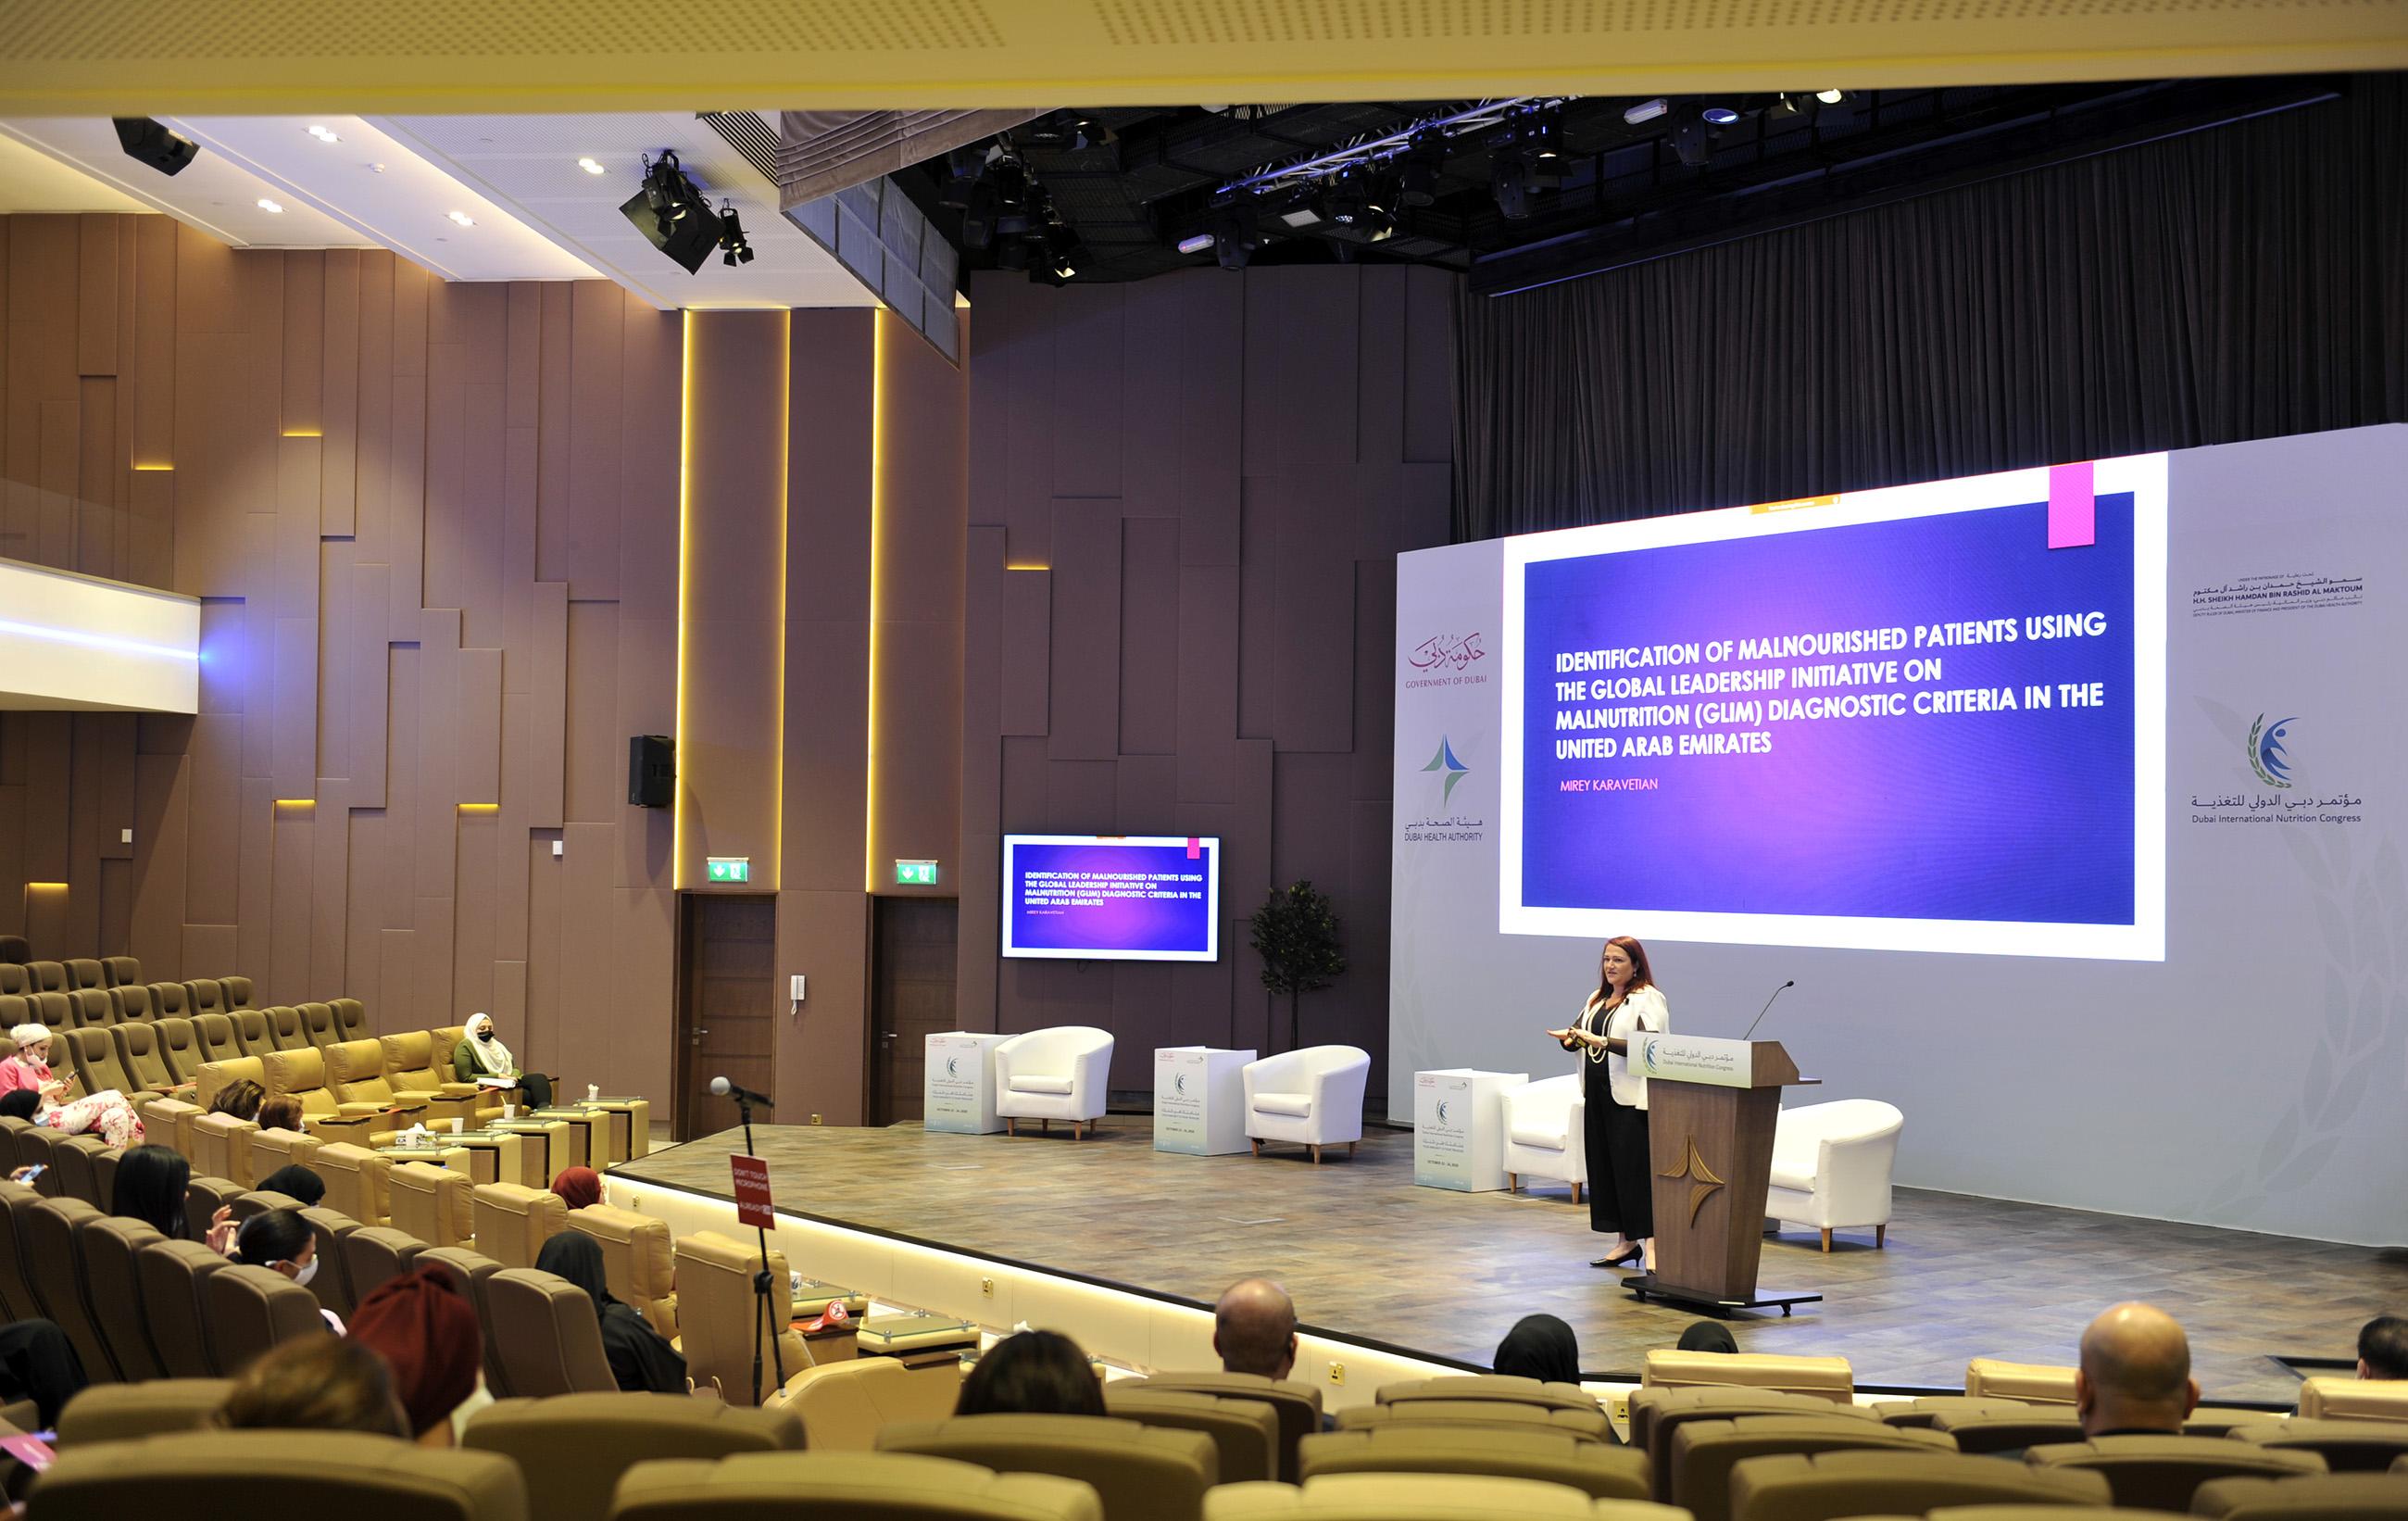 مؤتمر دبي الدولي للتغذية يوصى بتحسين نمط الحياة وتعزيز جهاز المناعة